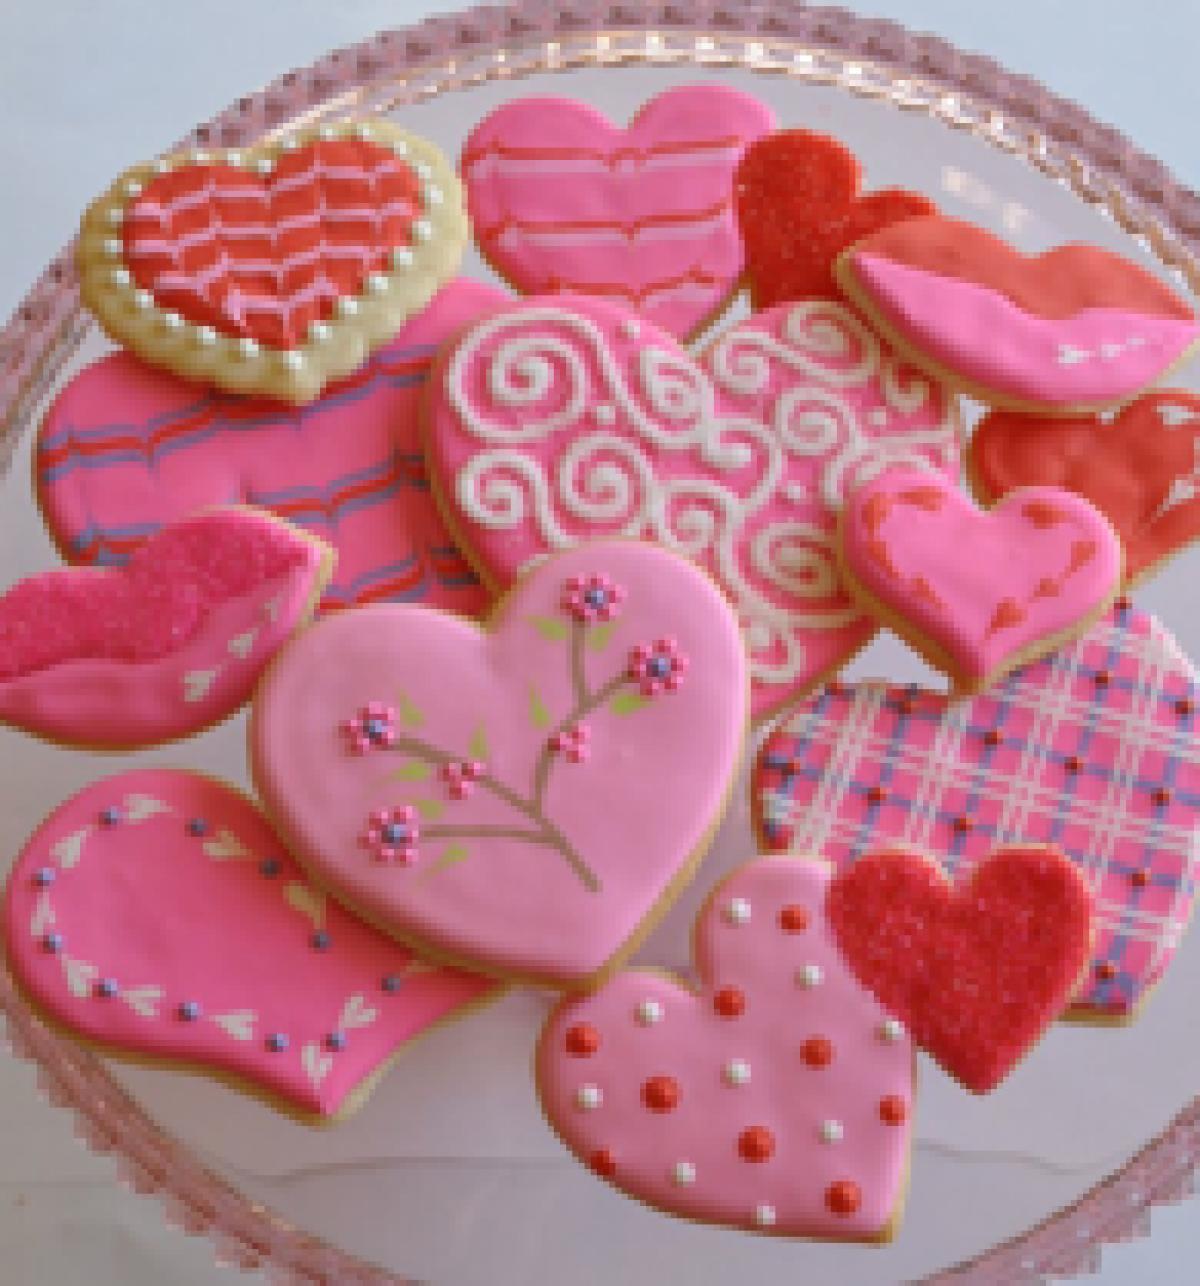 Ιδέες για χριστουγεννιάτικα μπισκότα!